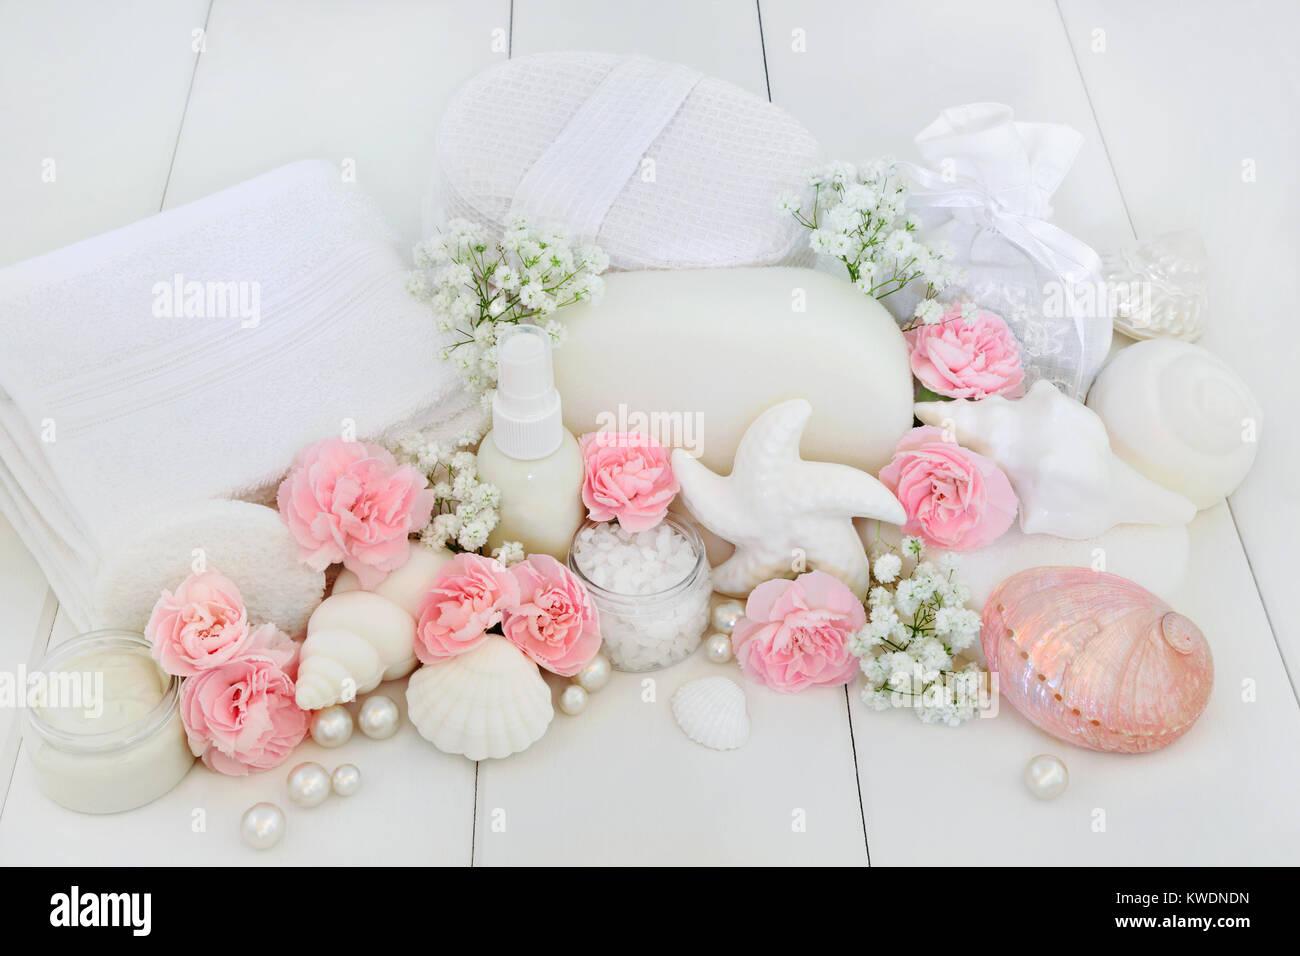 Salle De Bain Minerale ~ Salle De Bains Spa Et Beaut Produits Avec Oeillet Rose Et Fleurs De